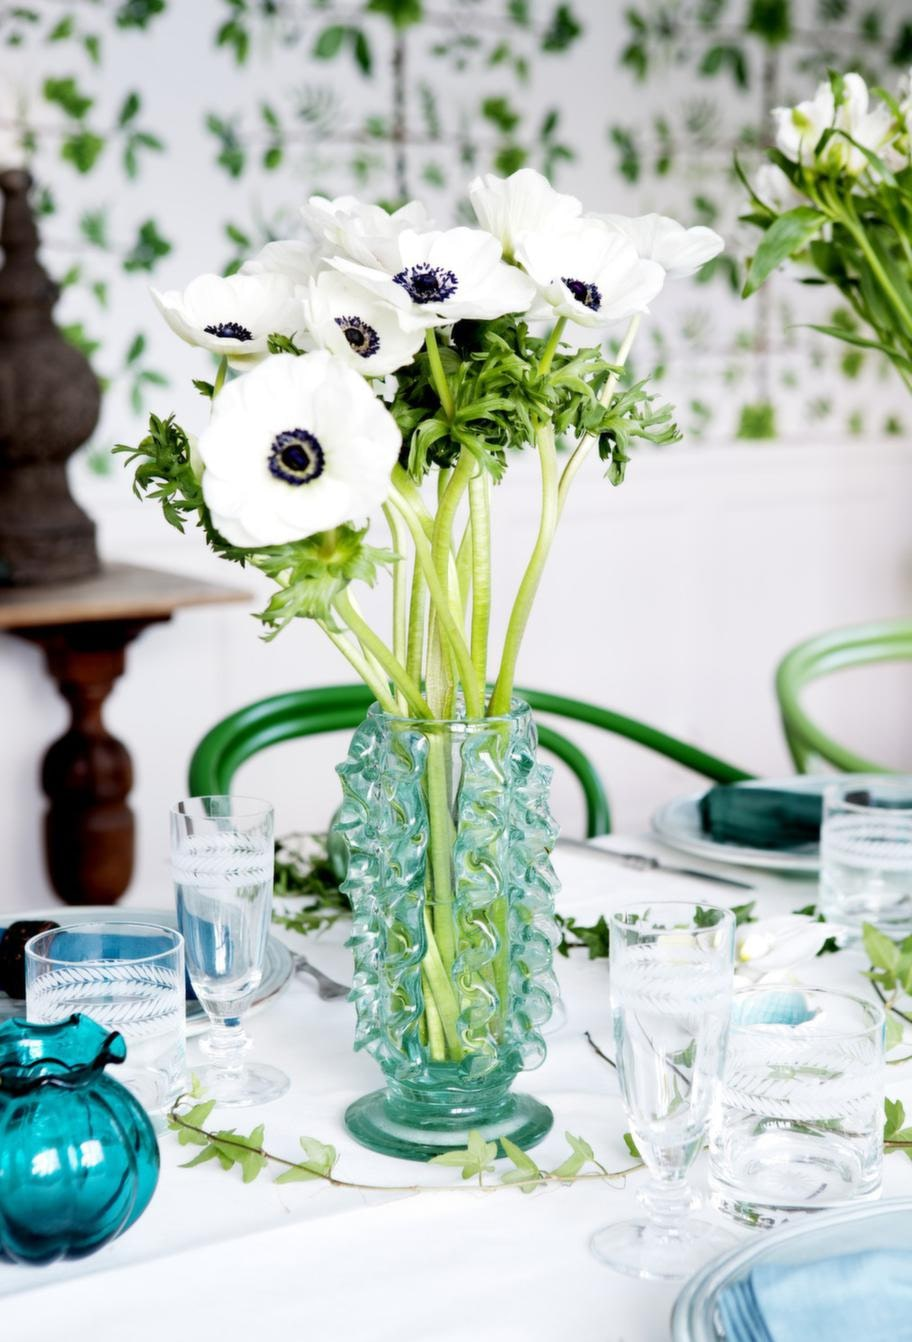 Gröna tonerChampagneglas, 135 kronor, vattenglas, 130 kronor, allt från Hans Mikaels. Gröna vaser, loppisfynd.